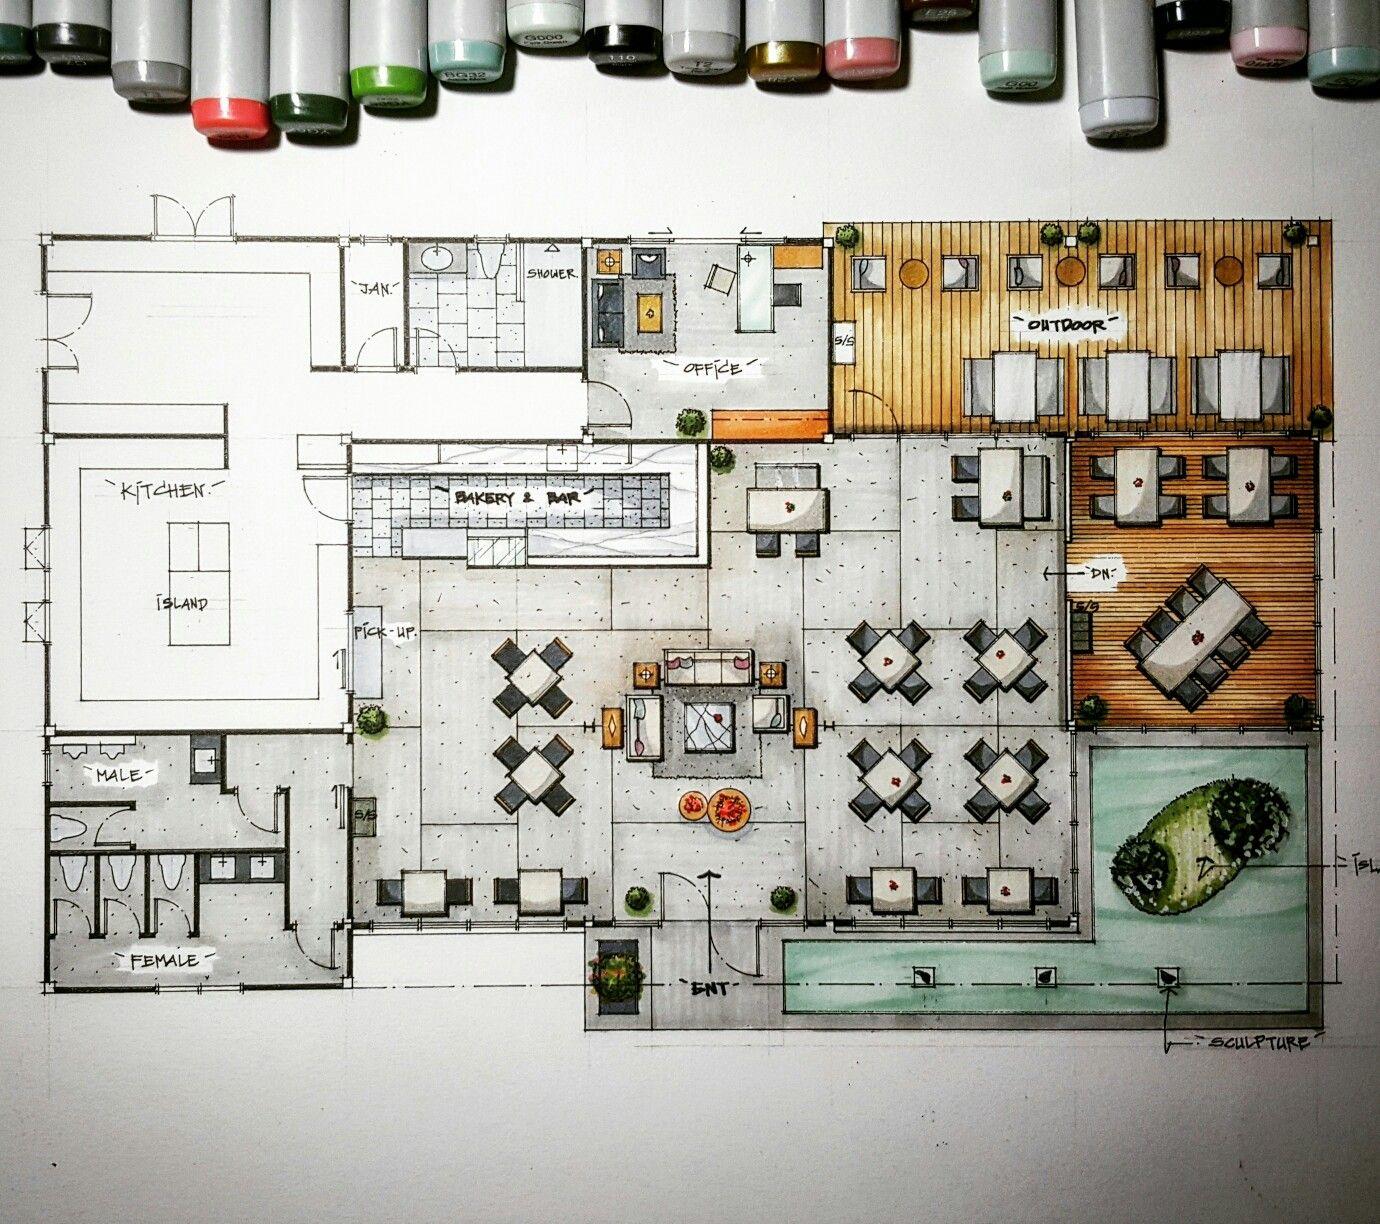 The Brick Restaurant Cafeteria Design Restaurant Layout Brick Restaurant